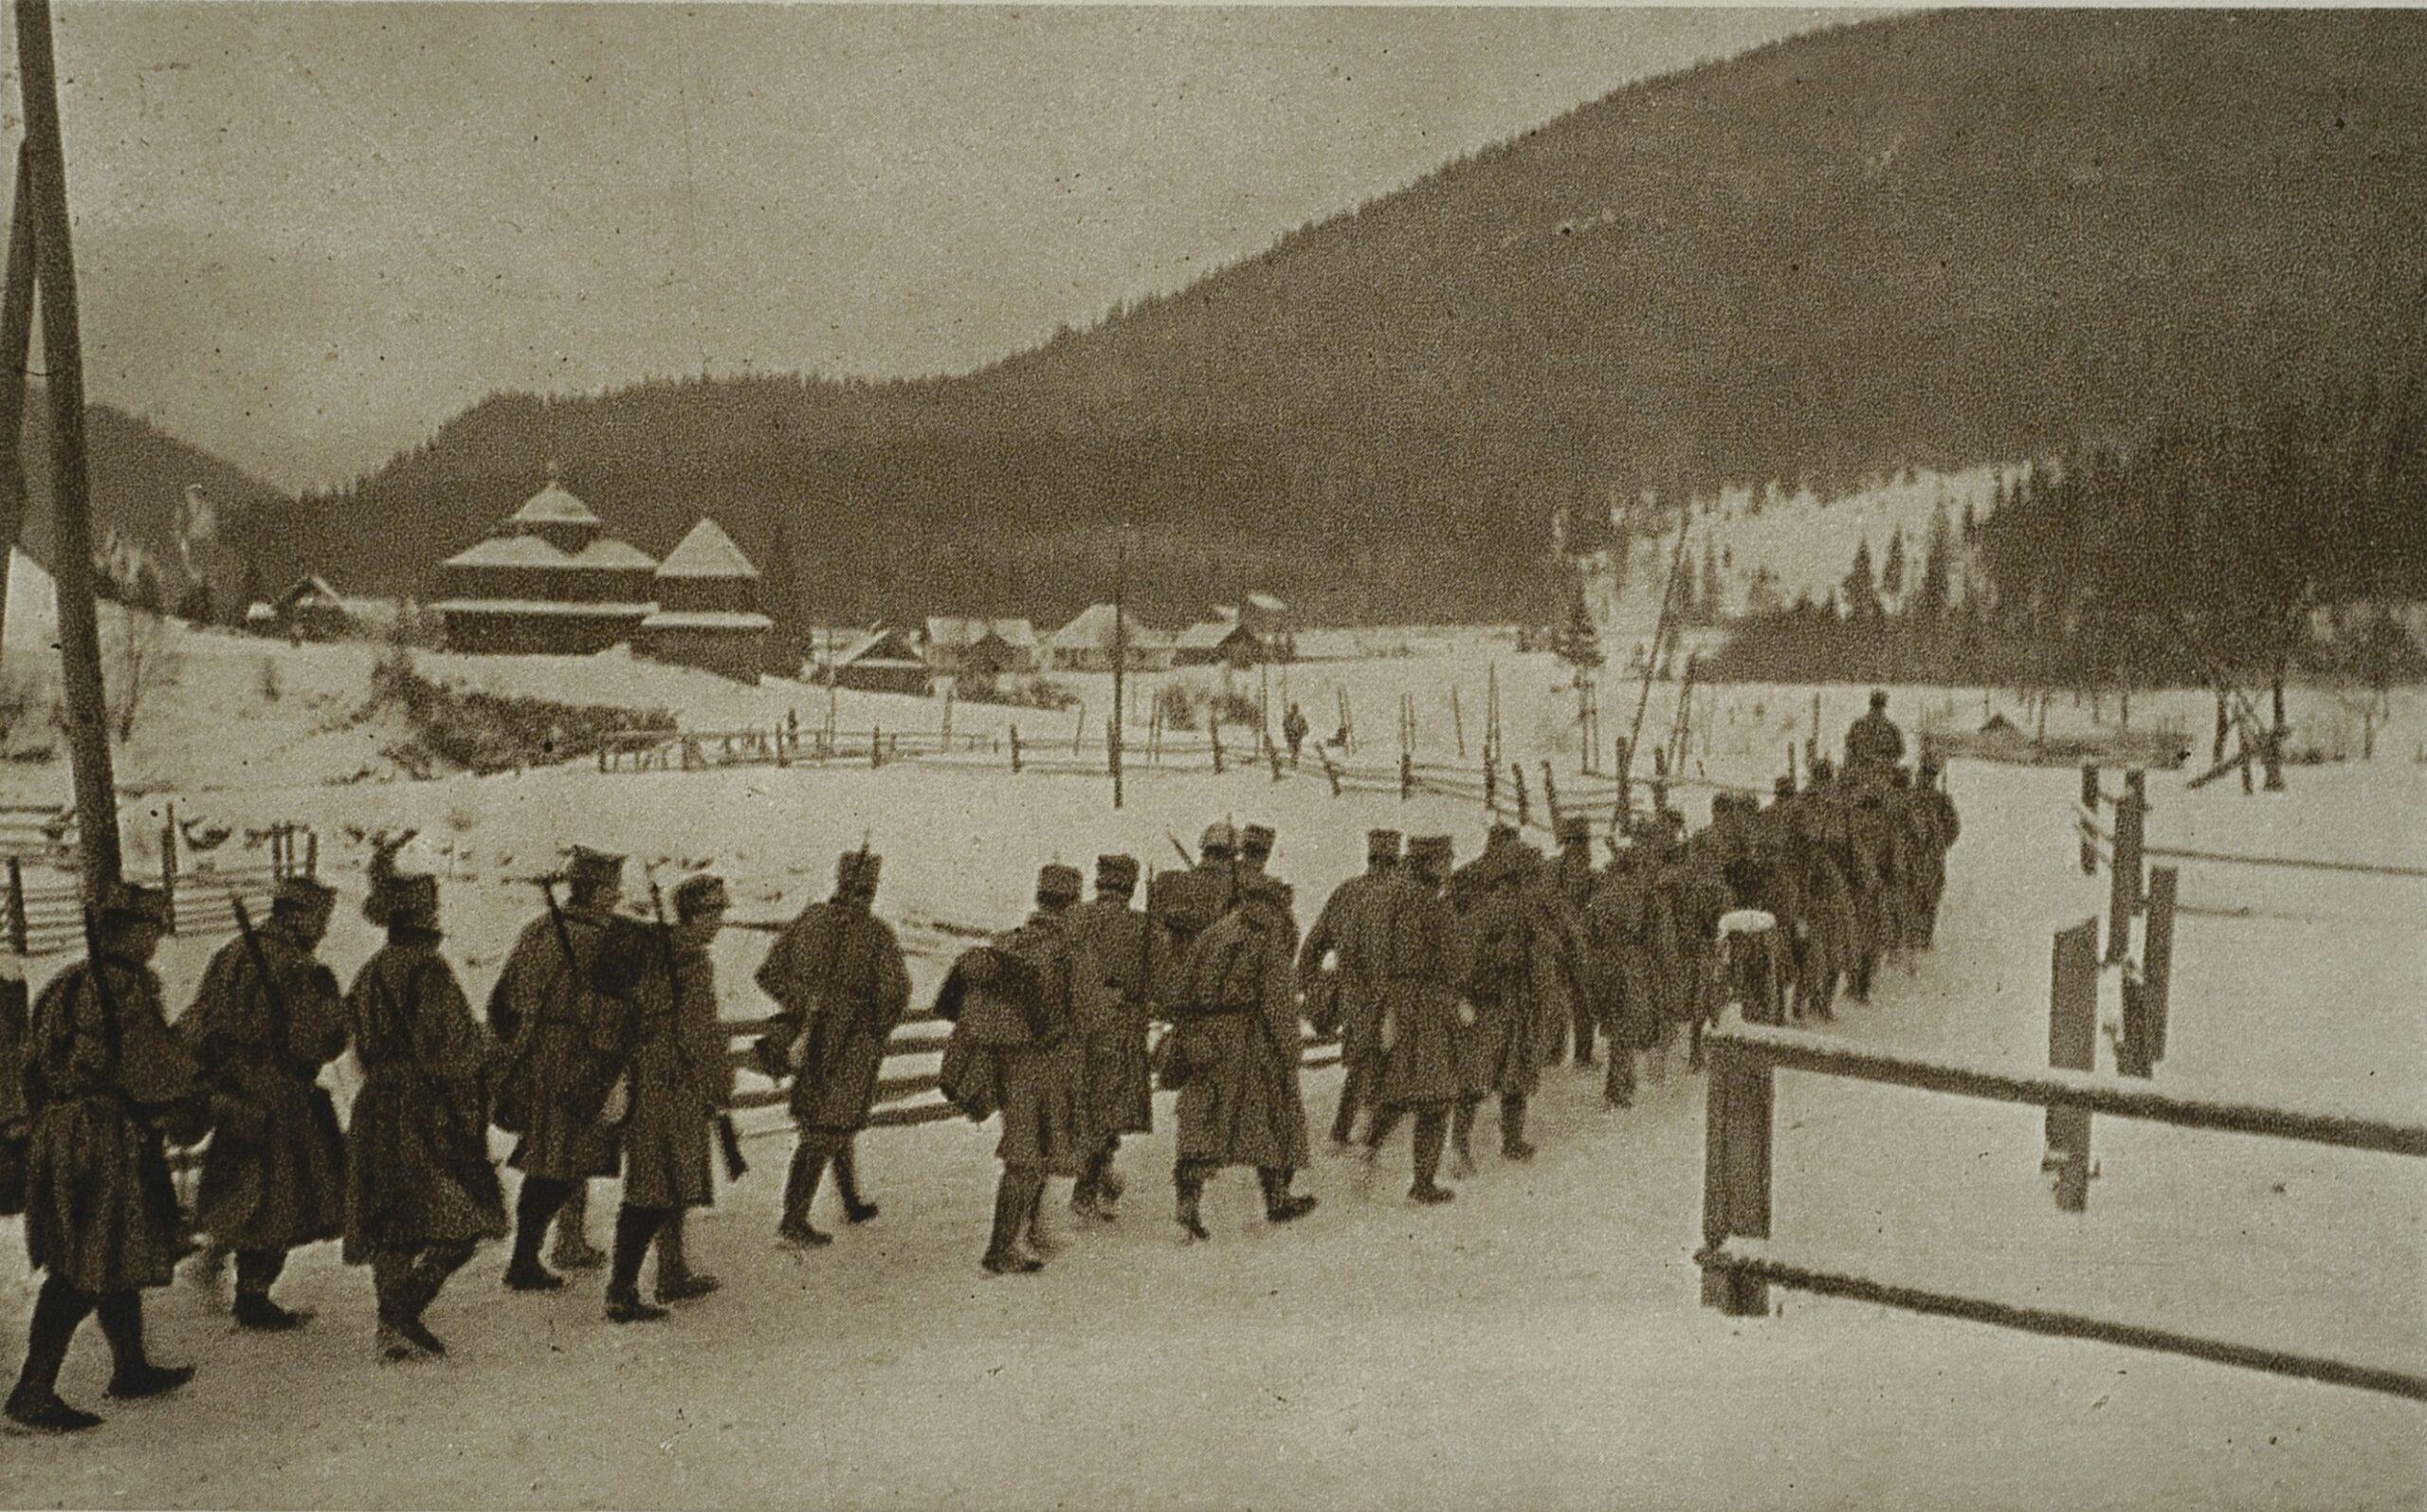 Żołnierze II Brygady. Zdjęcie Stanisława Janowskiego.